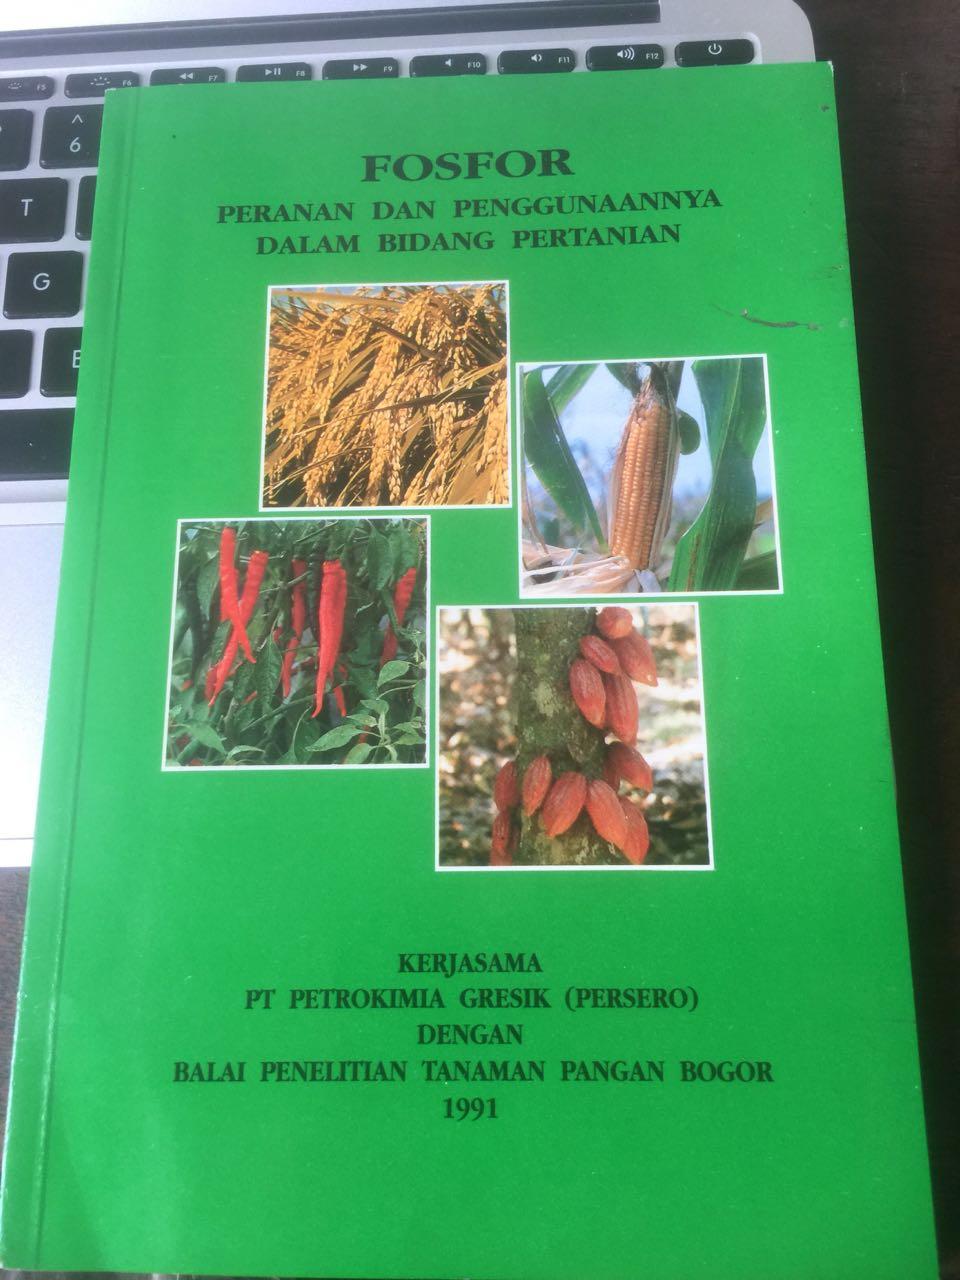 Buku Fosfor,